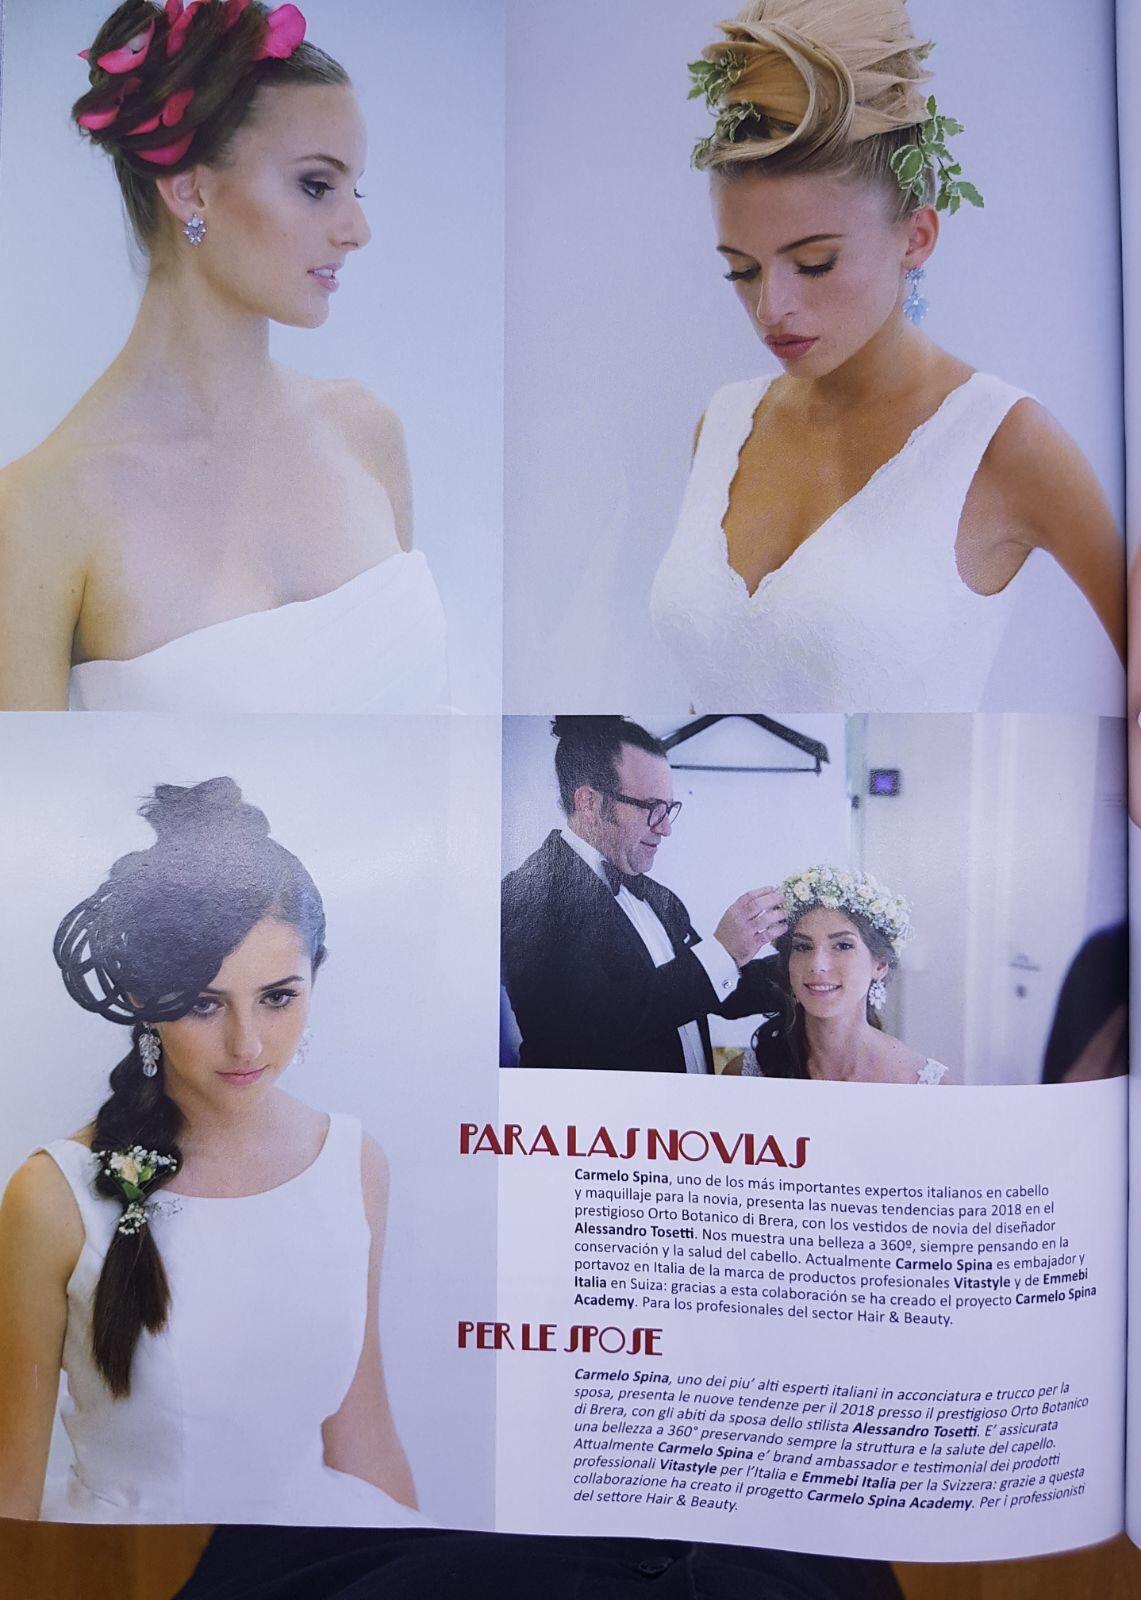 Articolo del magazine PELUQUERIAS HAIR STYLES #546 del 2017 dedicato a Carmelo Spina Hair&Face Stylist.